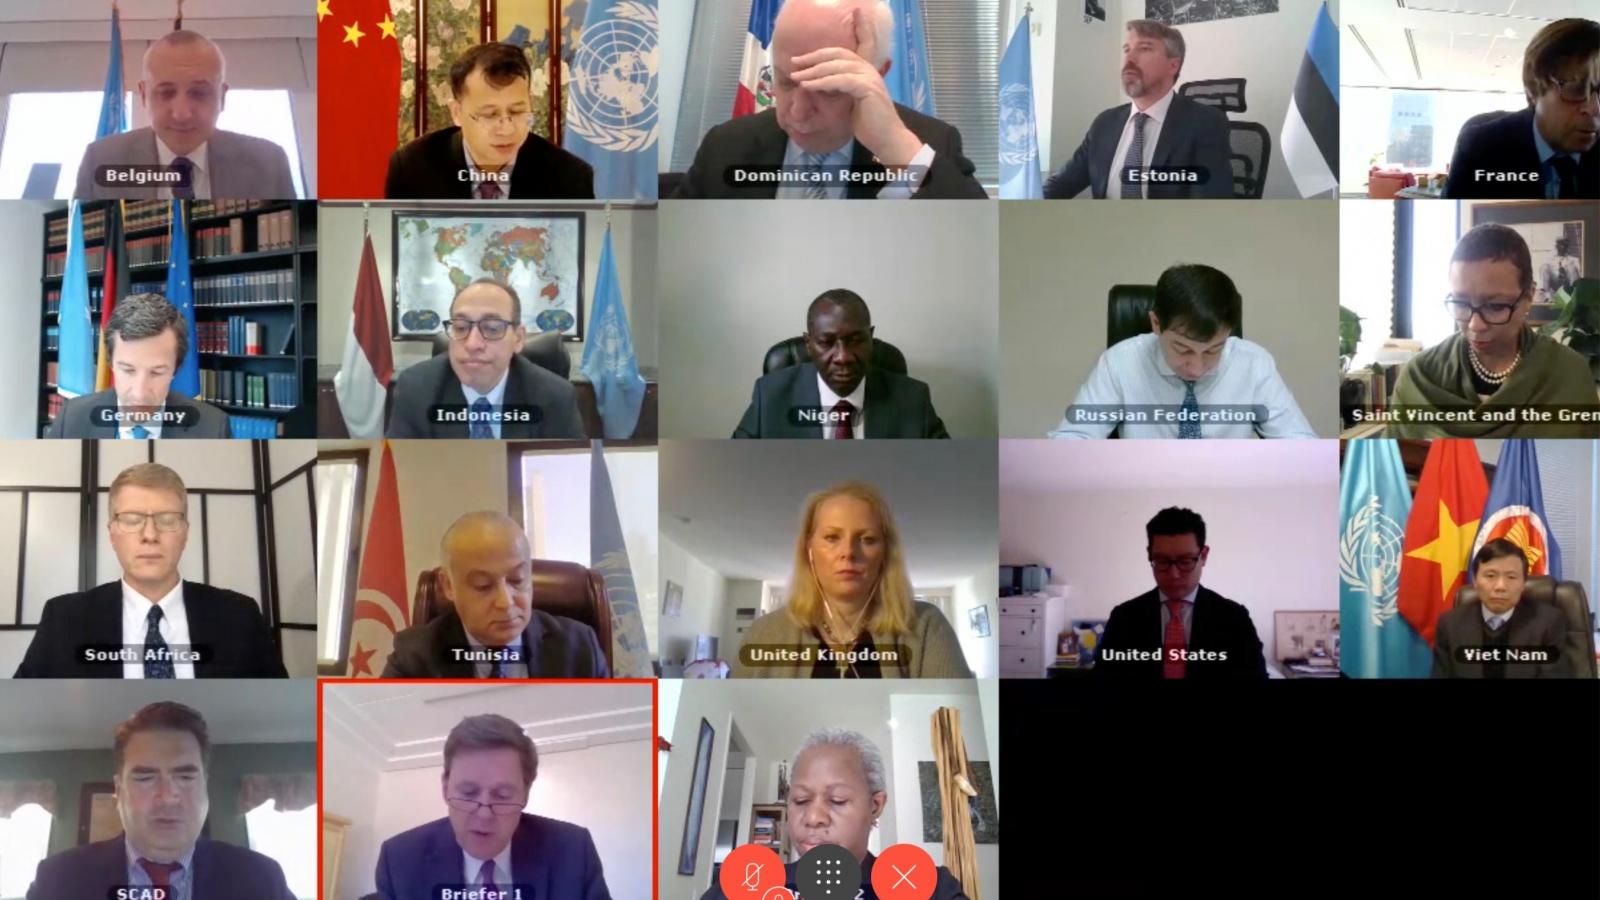 Liên Hợp Quốc kêu gọi các bên liên quan tôn trọng lệnh ngừng bắn ở Tây Sahara